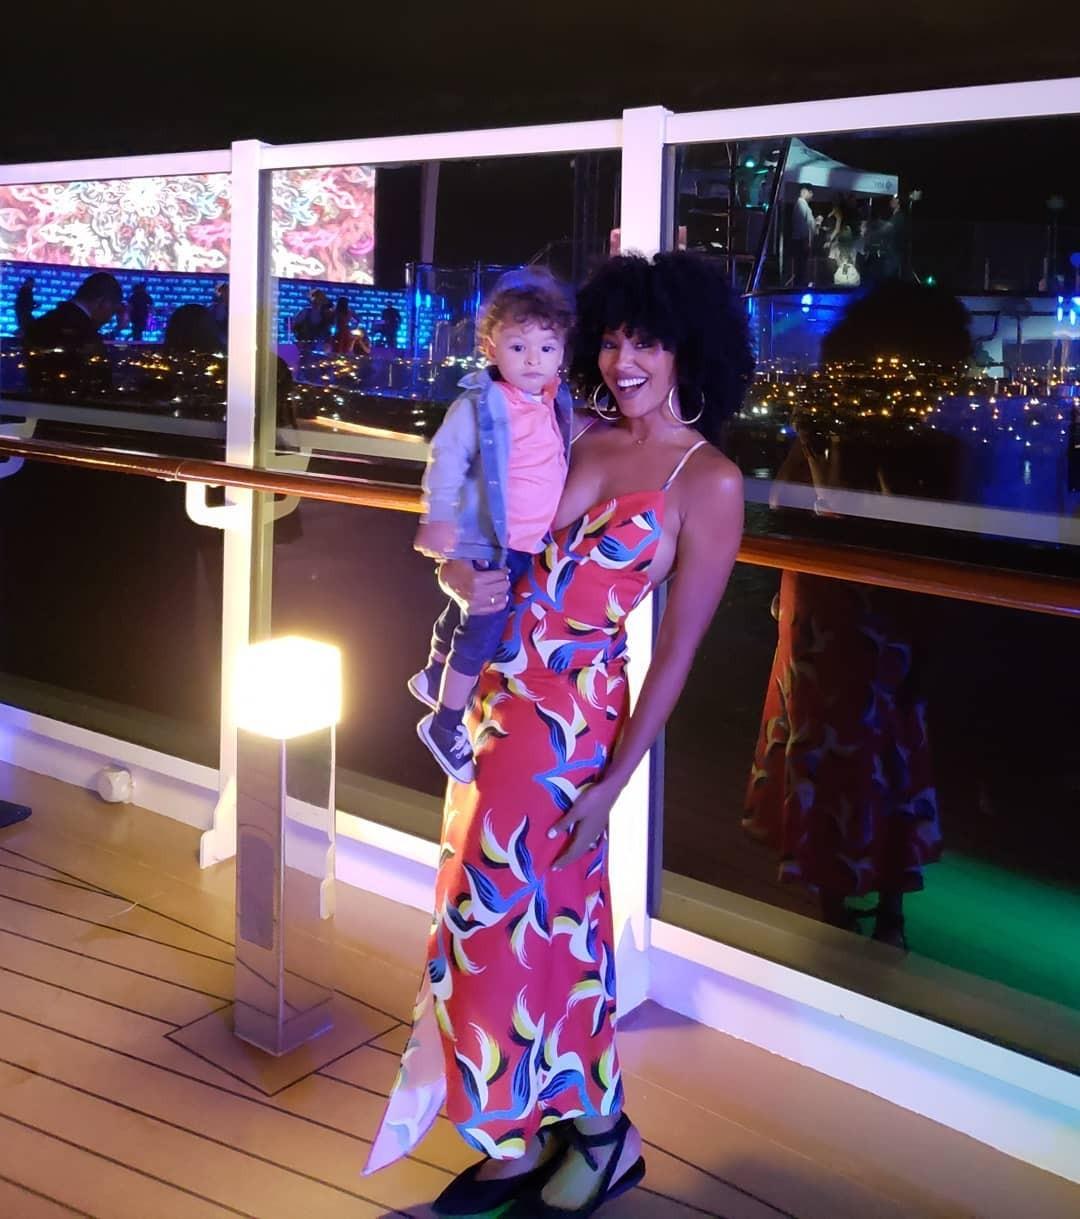 Sheron com o pequeno Benjamin no navio (Foto: Reprodução/Instagram)